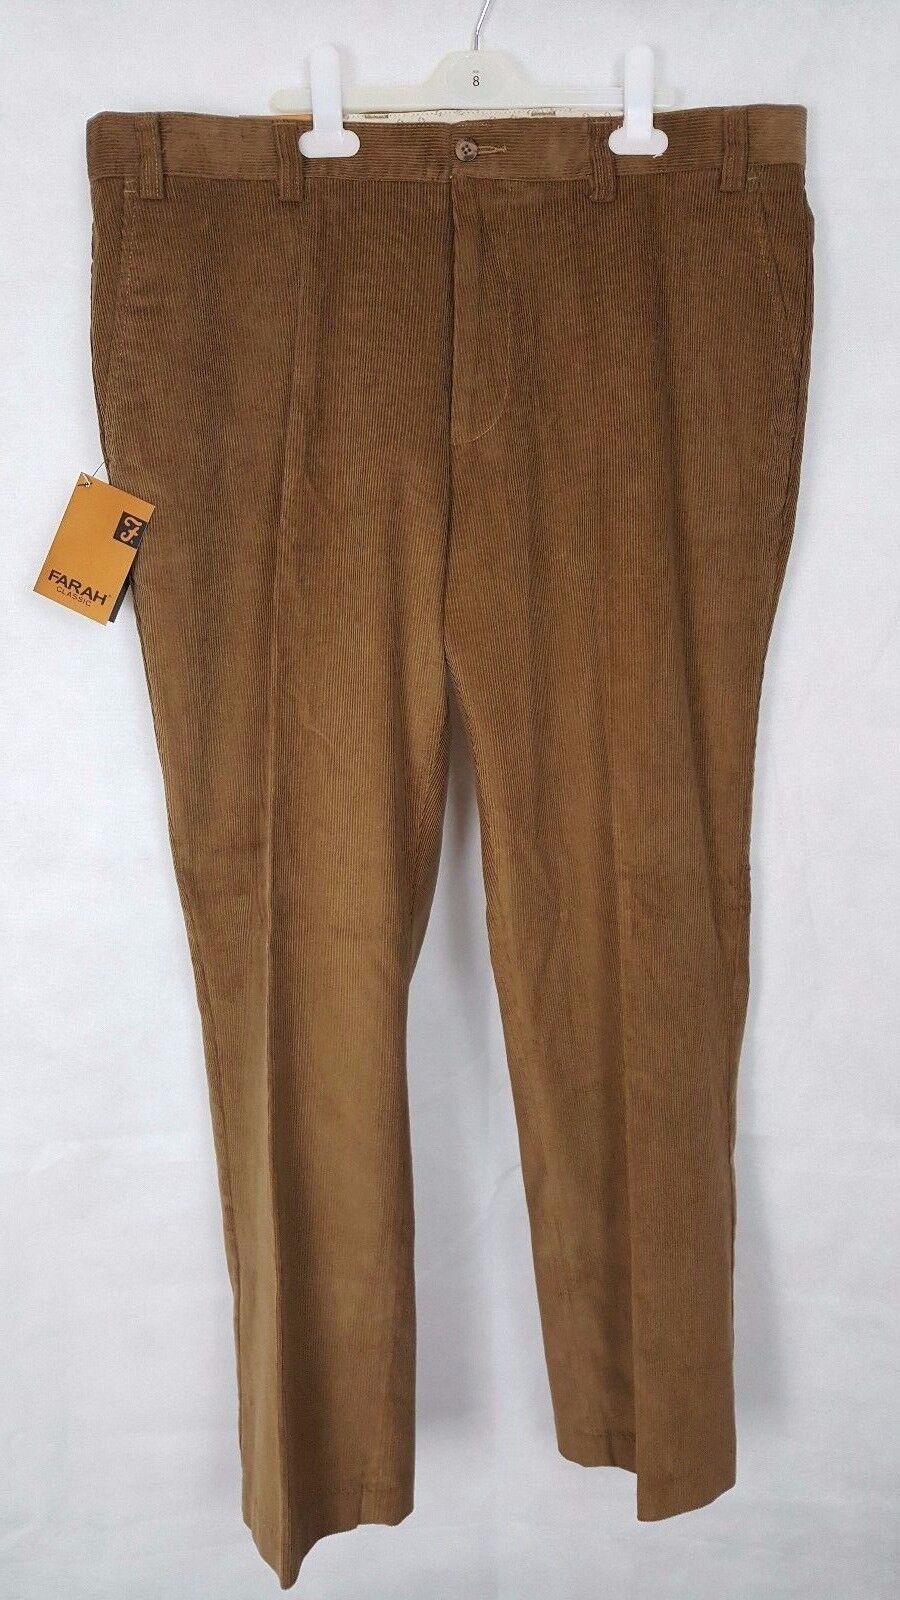 Q146 Mens Farrar Classic Tan Brown Traditional Fit Wale Cord Pants, W40 L29